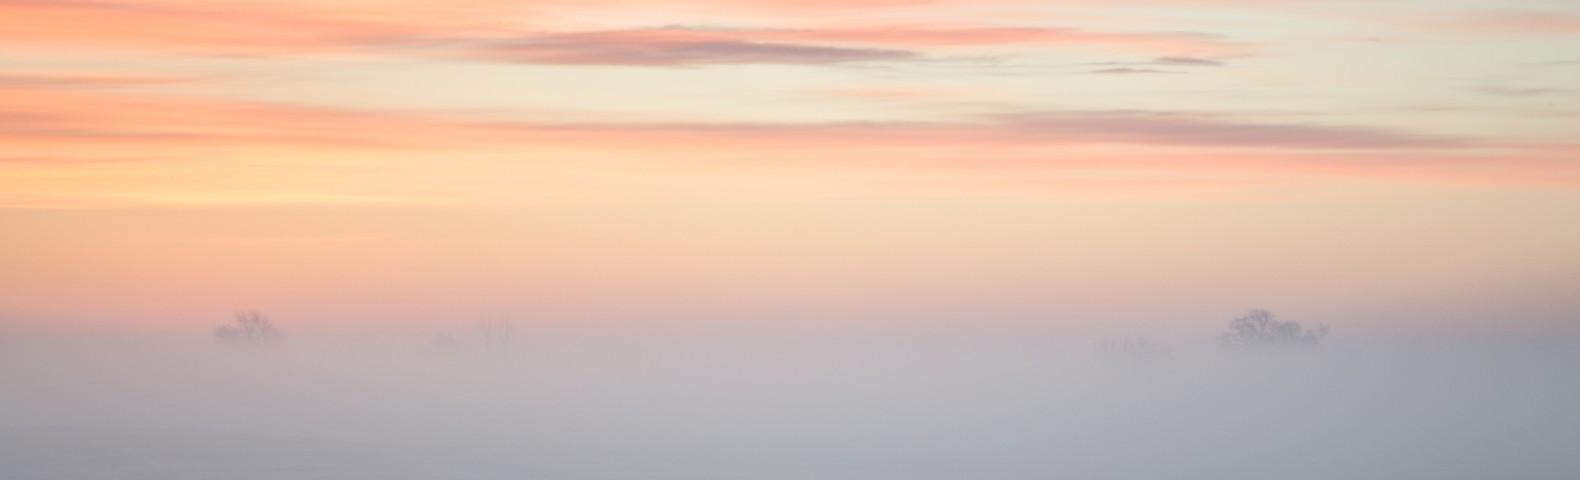 sunrise-unsplshpink-sky